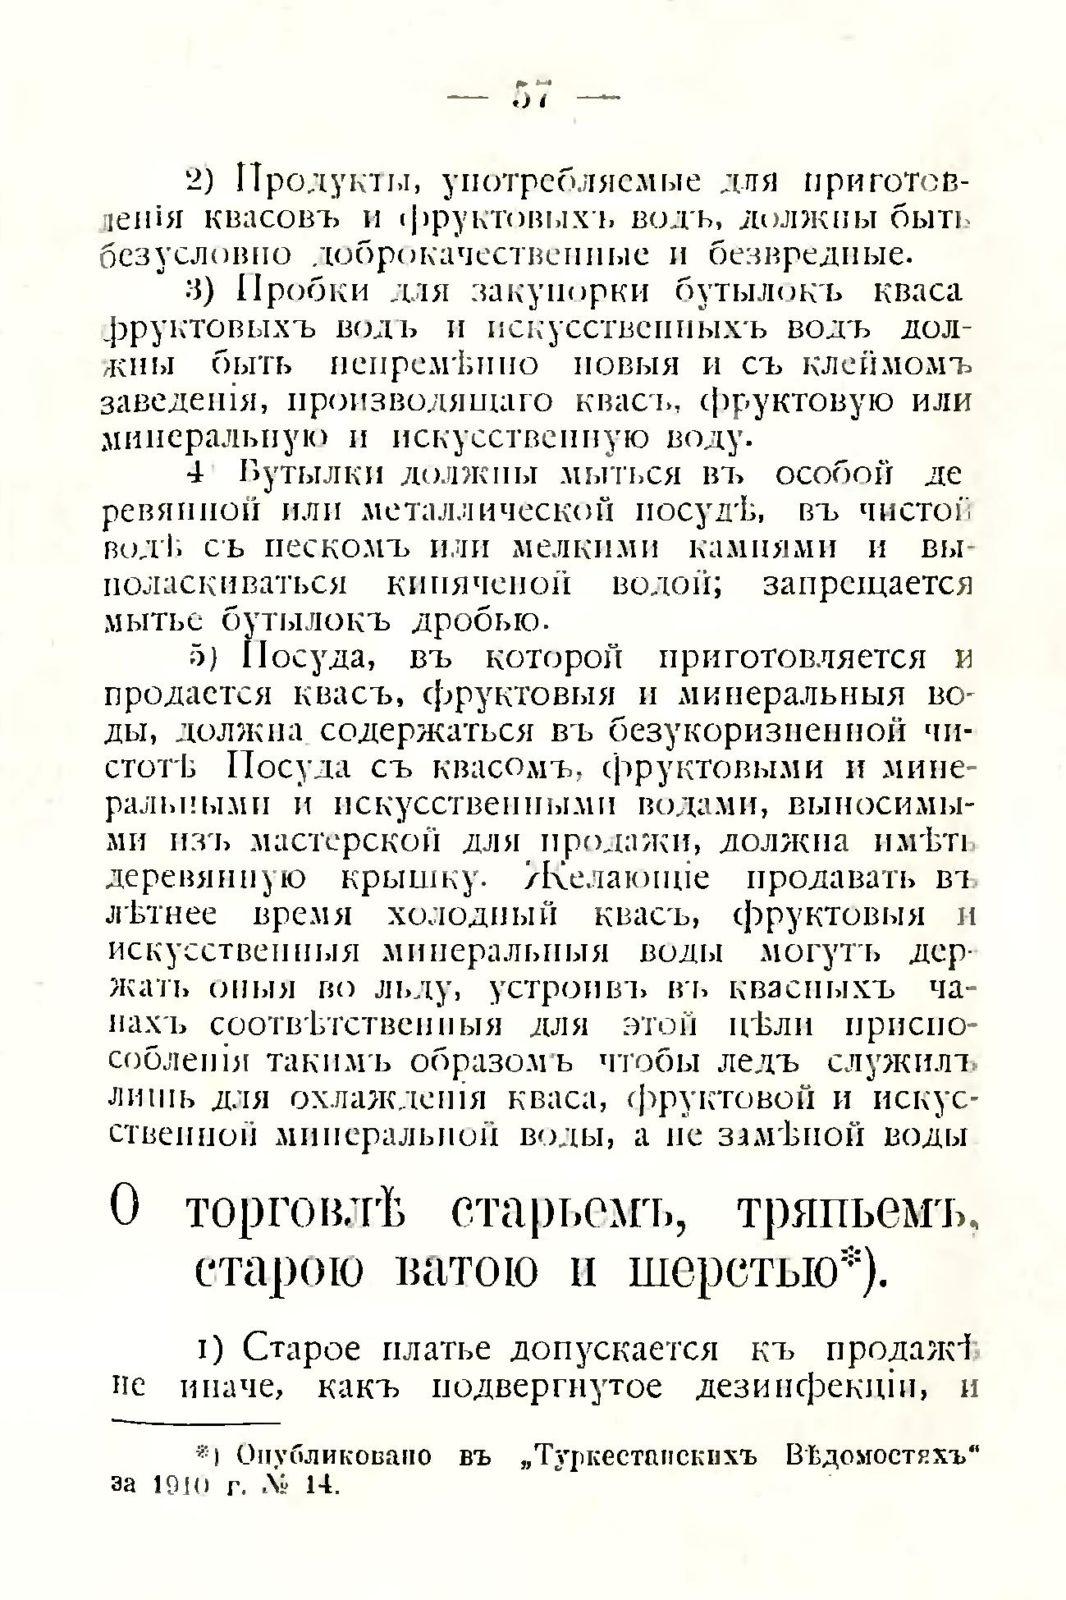 sbornik_obyazatelnyh_postanovlenii_tashkentskoi_gorodskoi_du_61